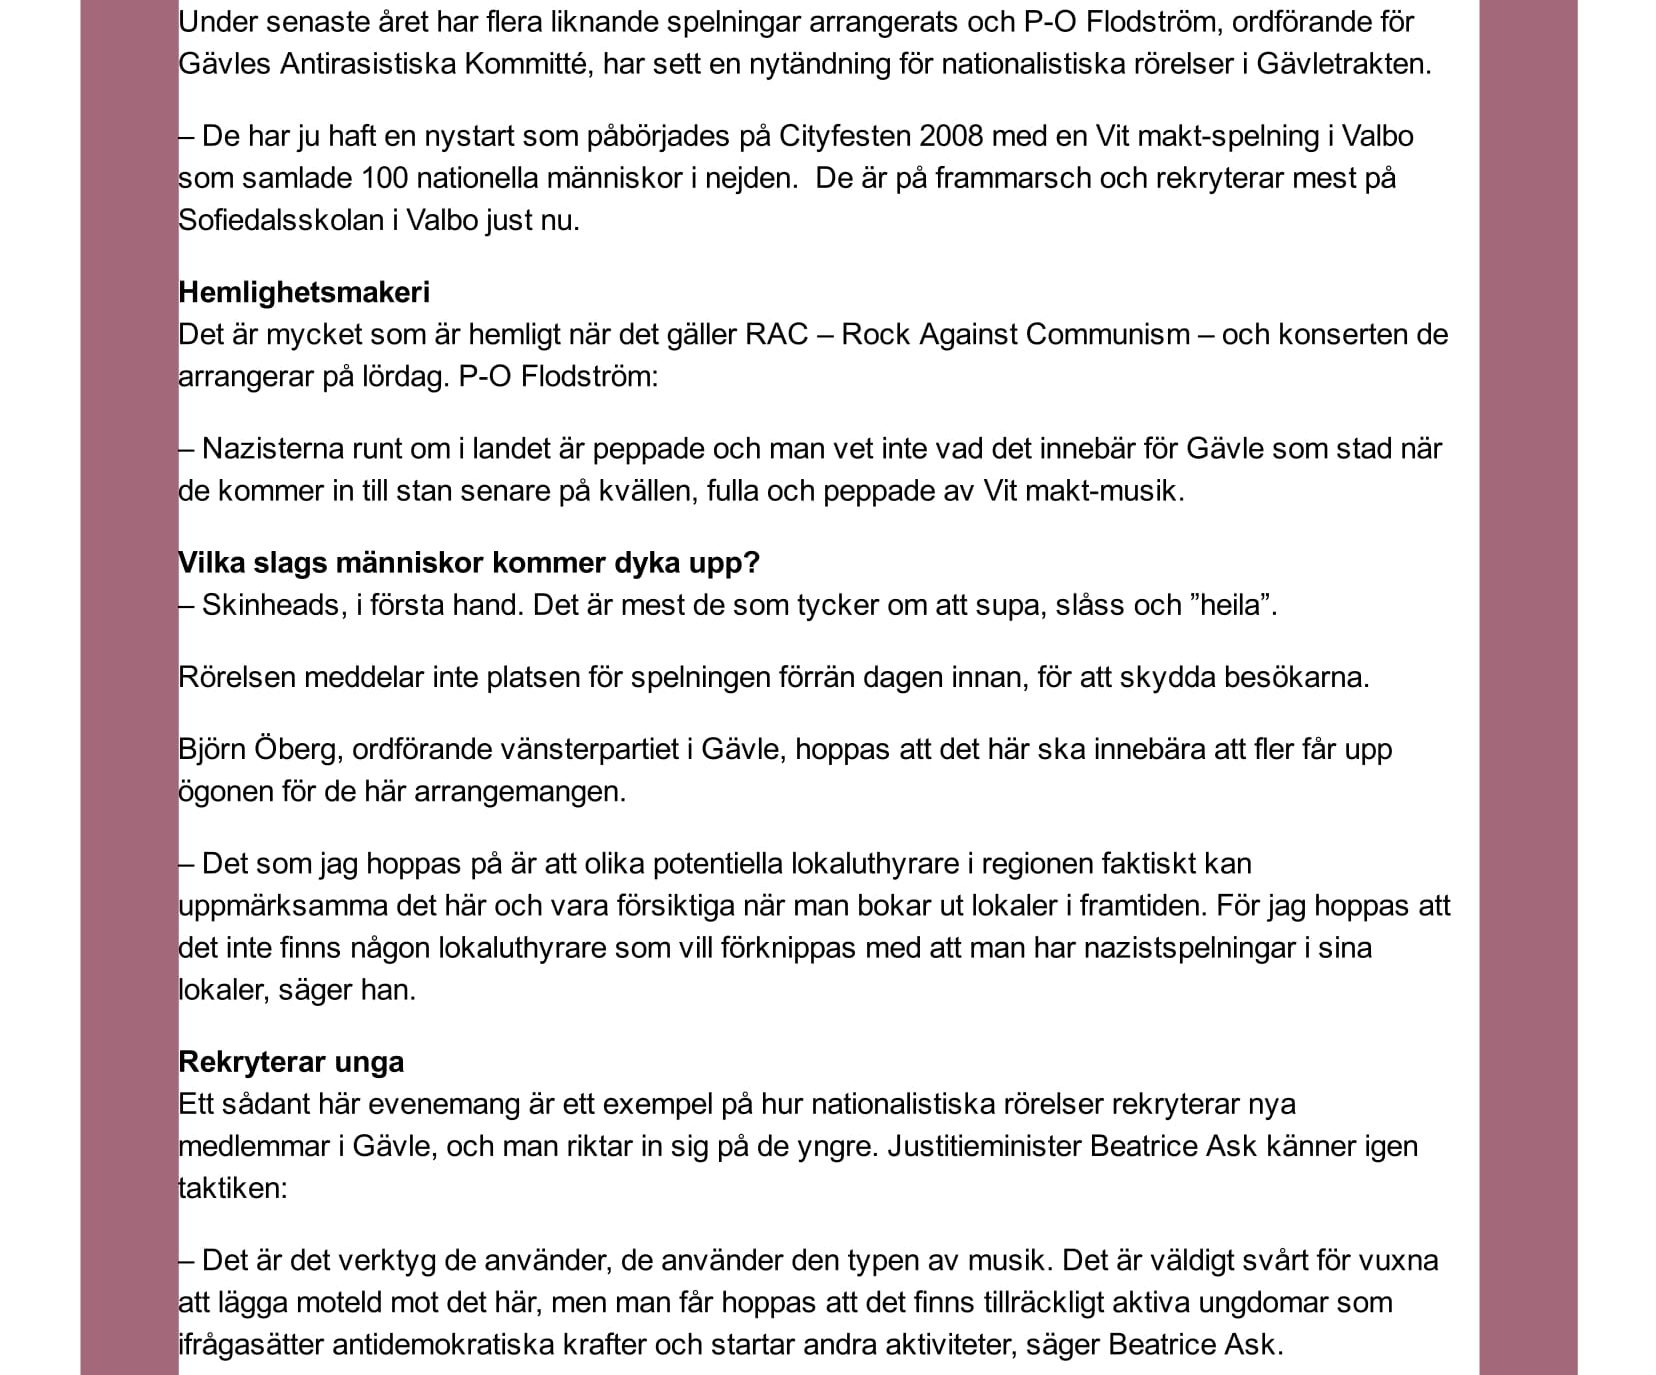 vit-makt-konsert-i-gavle-p4-gavleborg-_-sveriges-radio-2